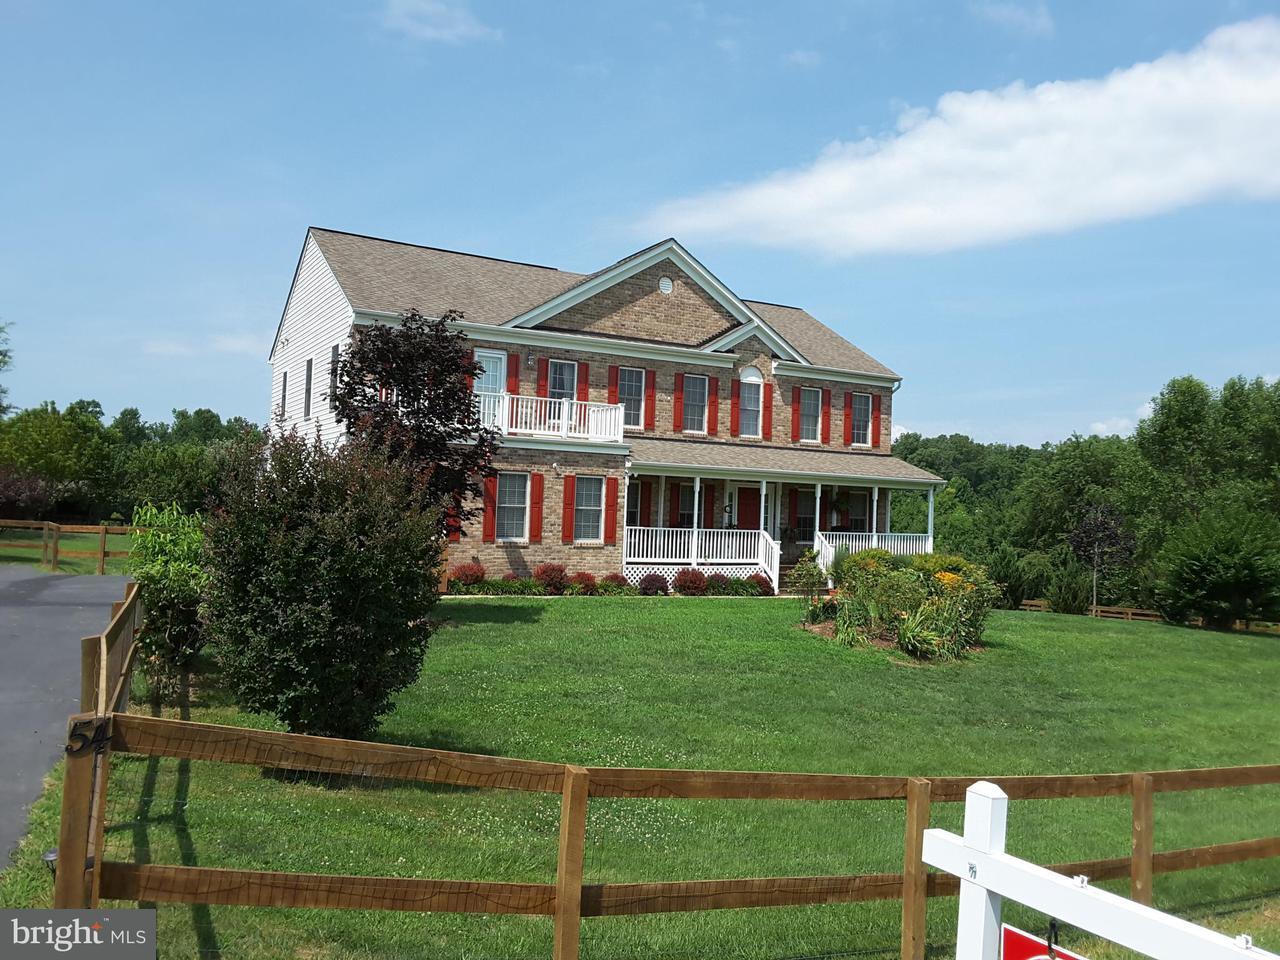 Casa Unifamiliar por un Venta en 54 EQUESTRIAN Drive 54 EQUESTRIAN Drive Stafford, Virginia 22556 Estados Unidos